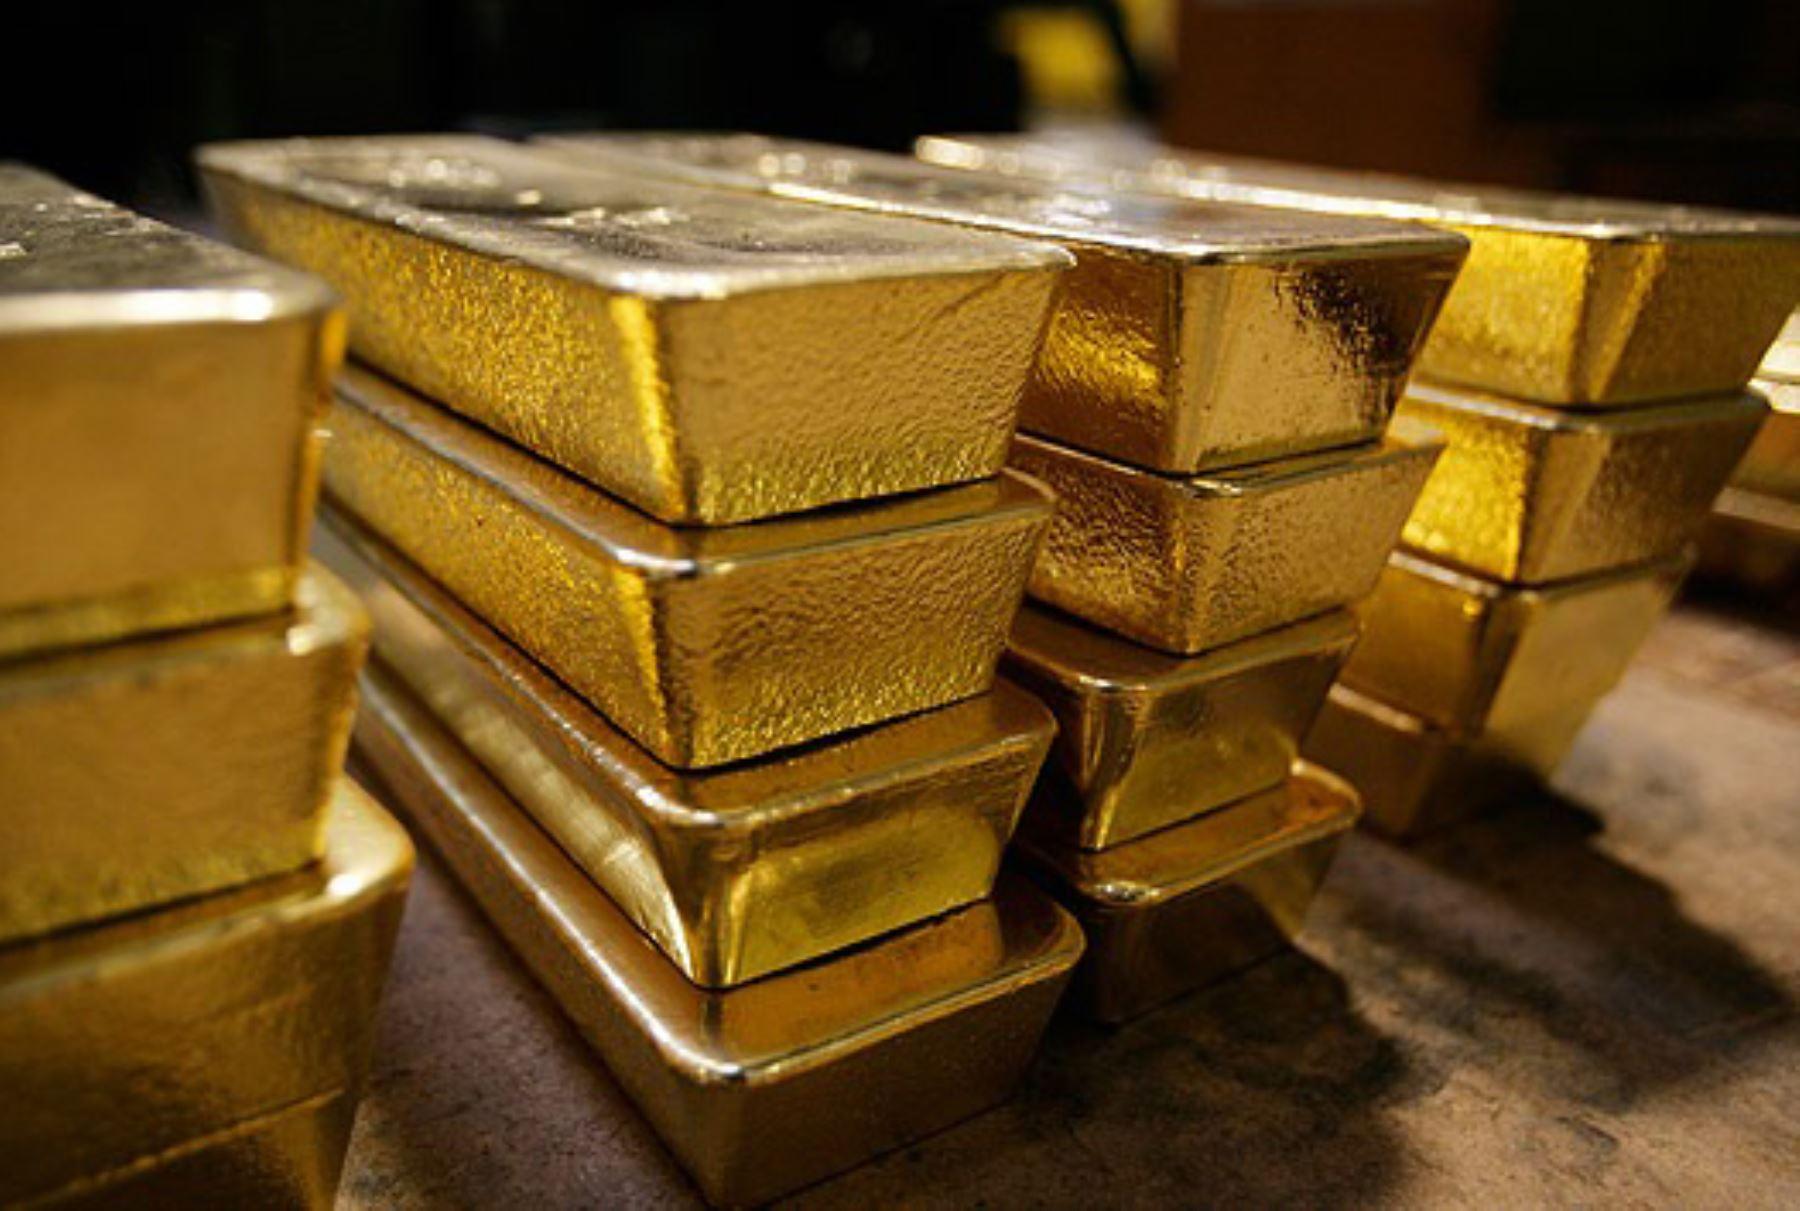 Barras de oro. INTERNET/Medios